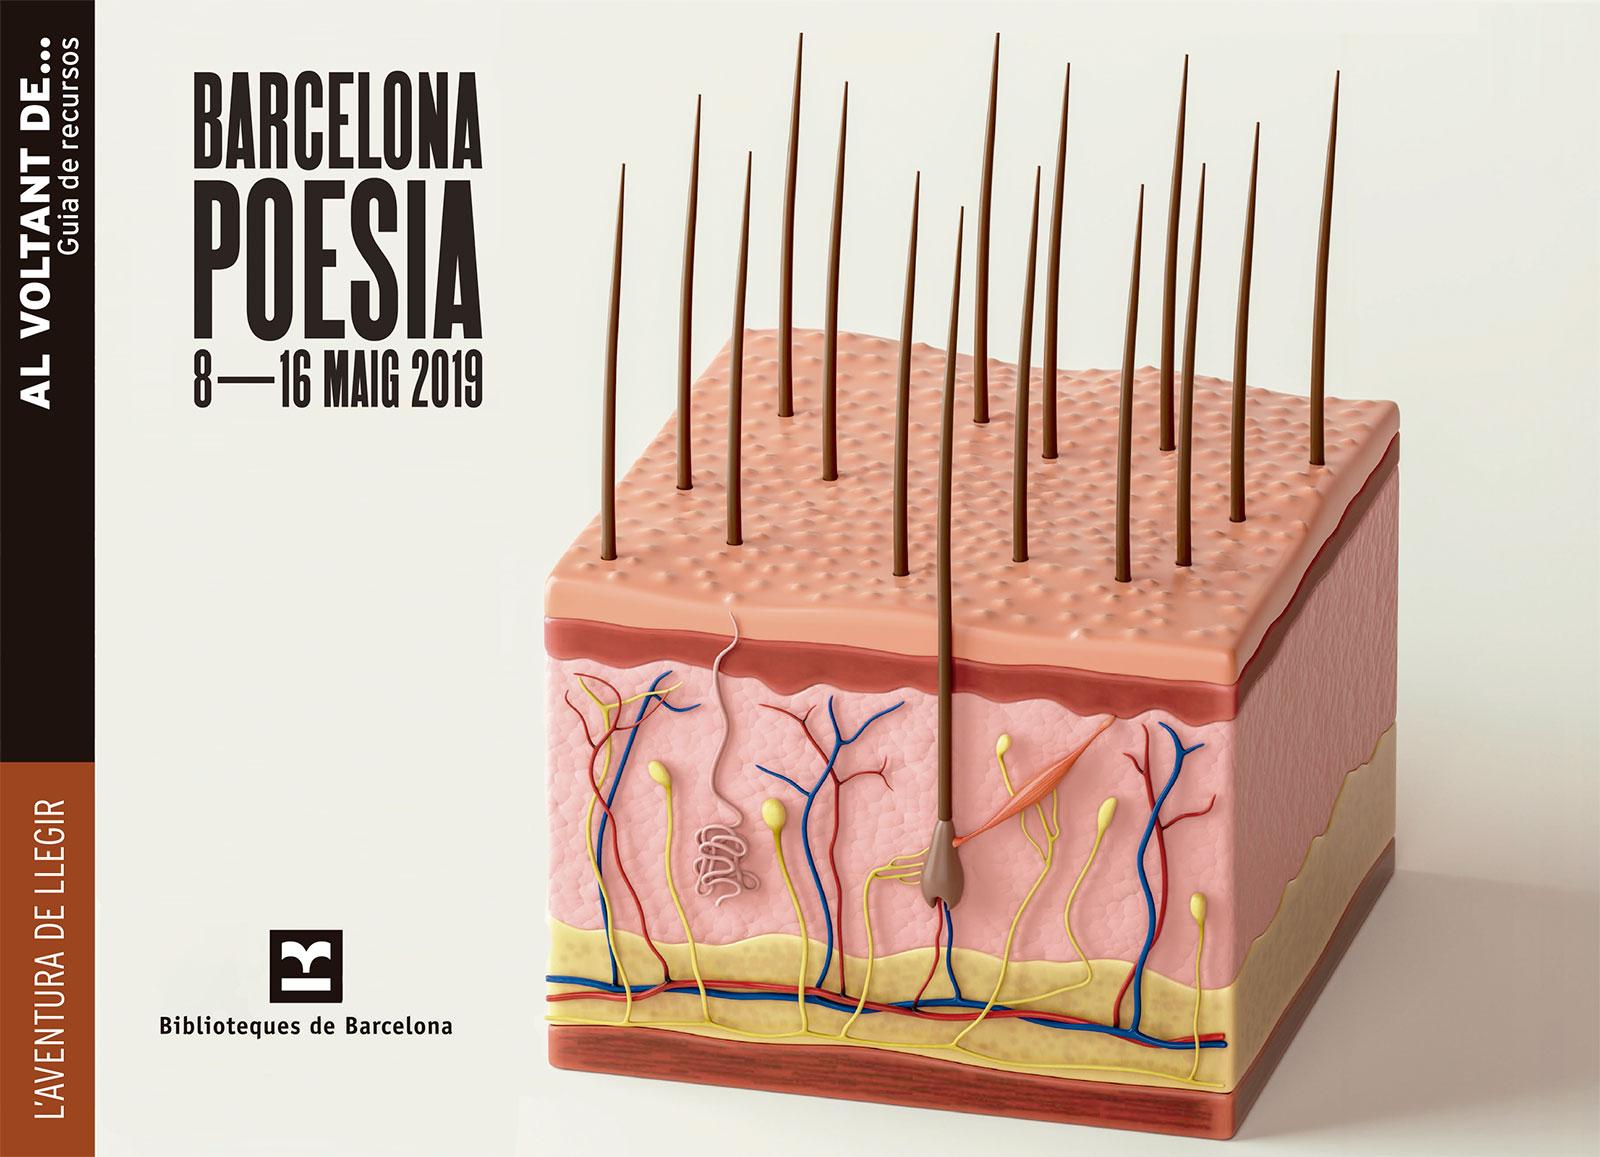 Barcelona_Poesia_2019_01